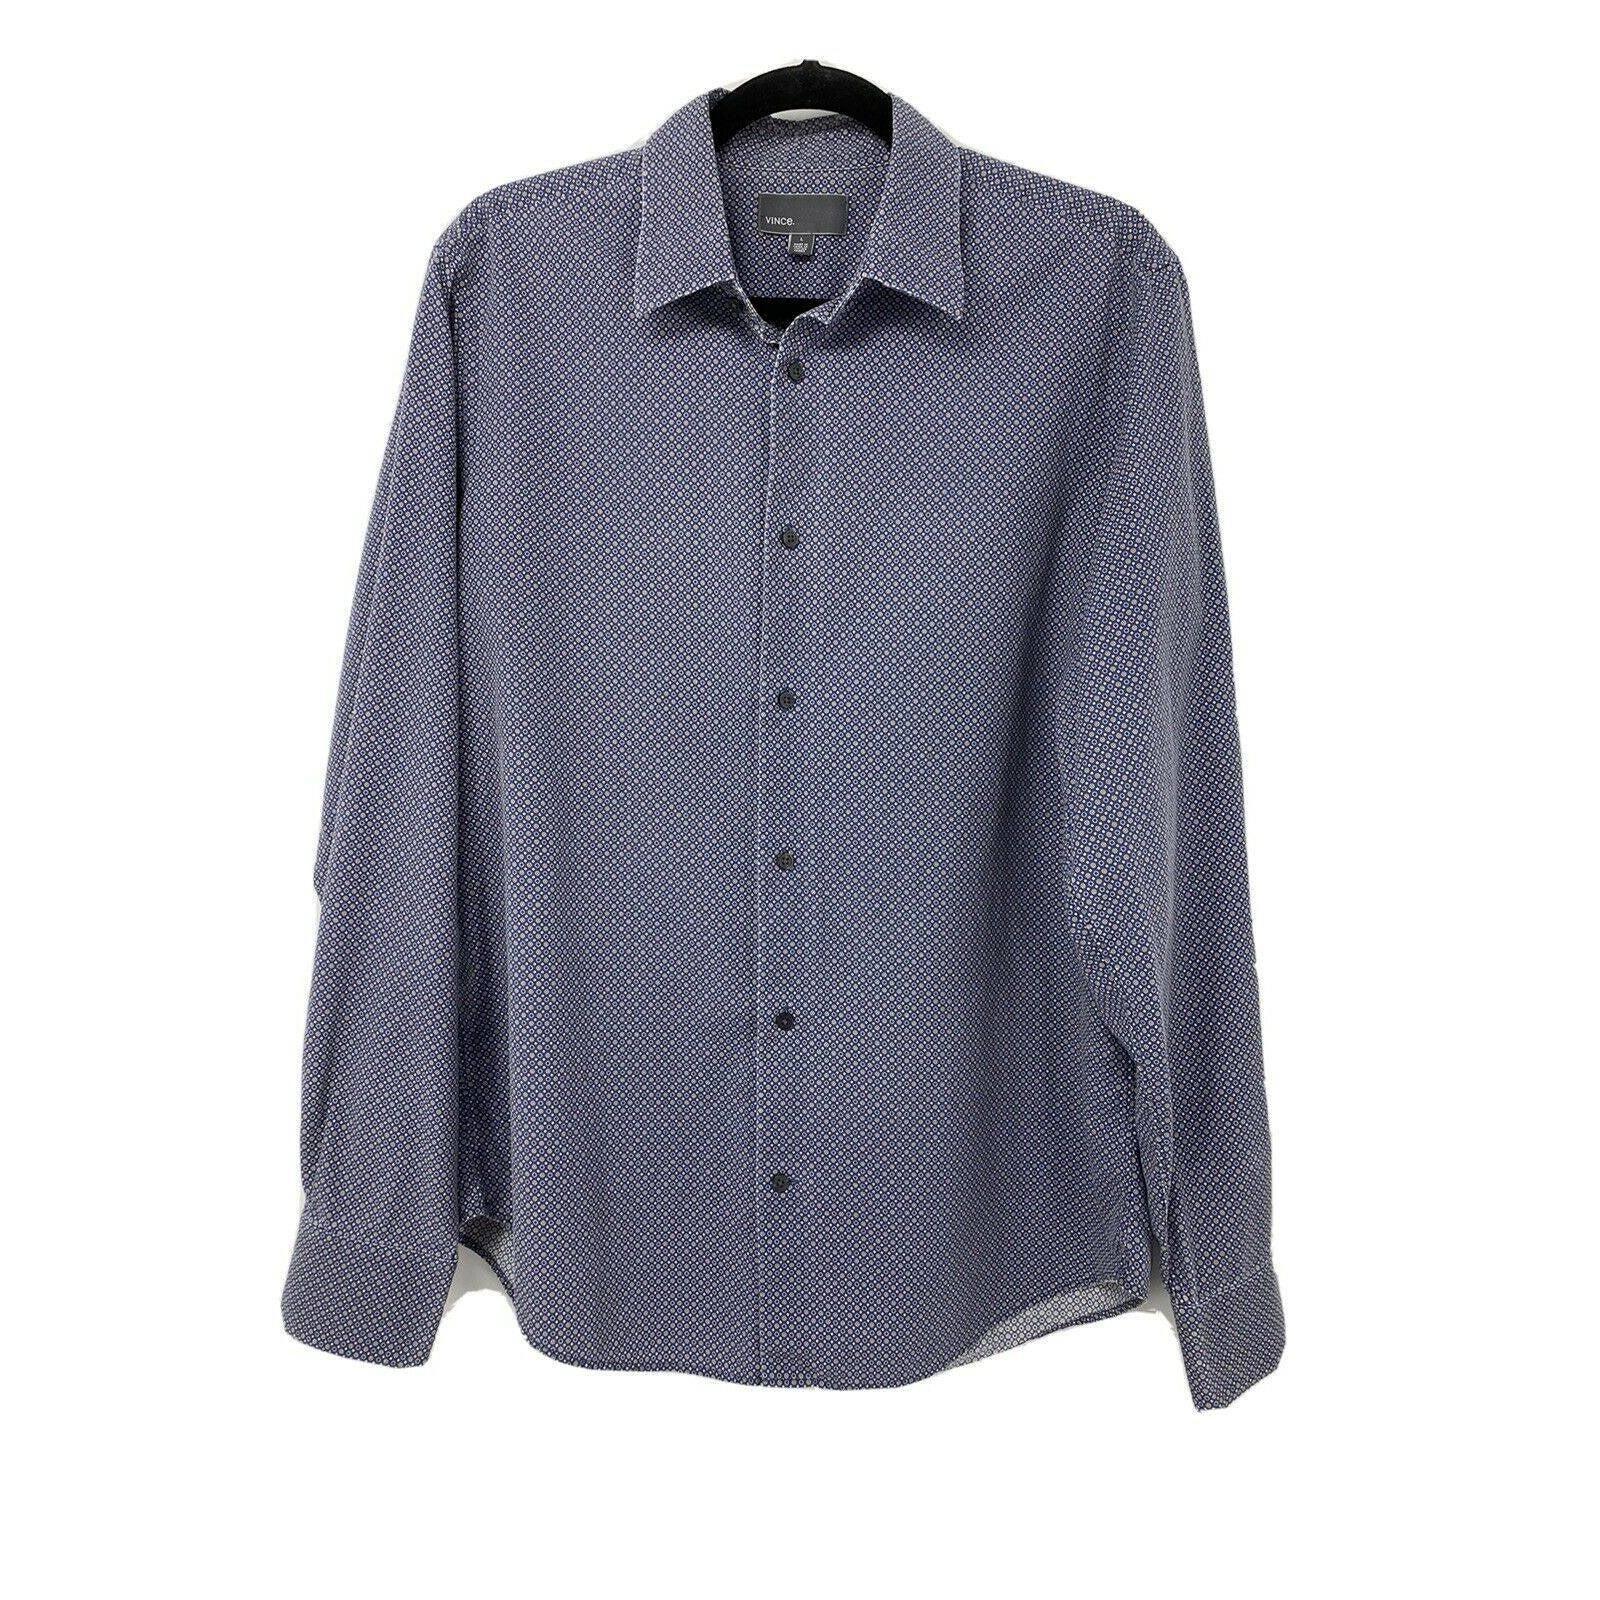 Vince Men's Large Button Oxford Shirt